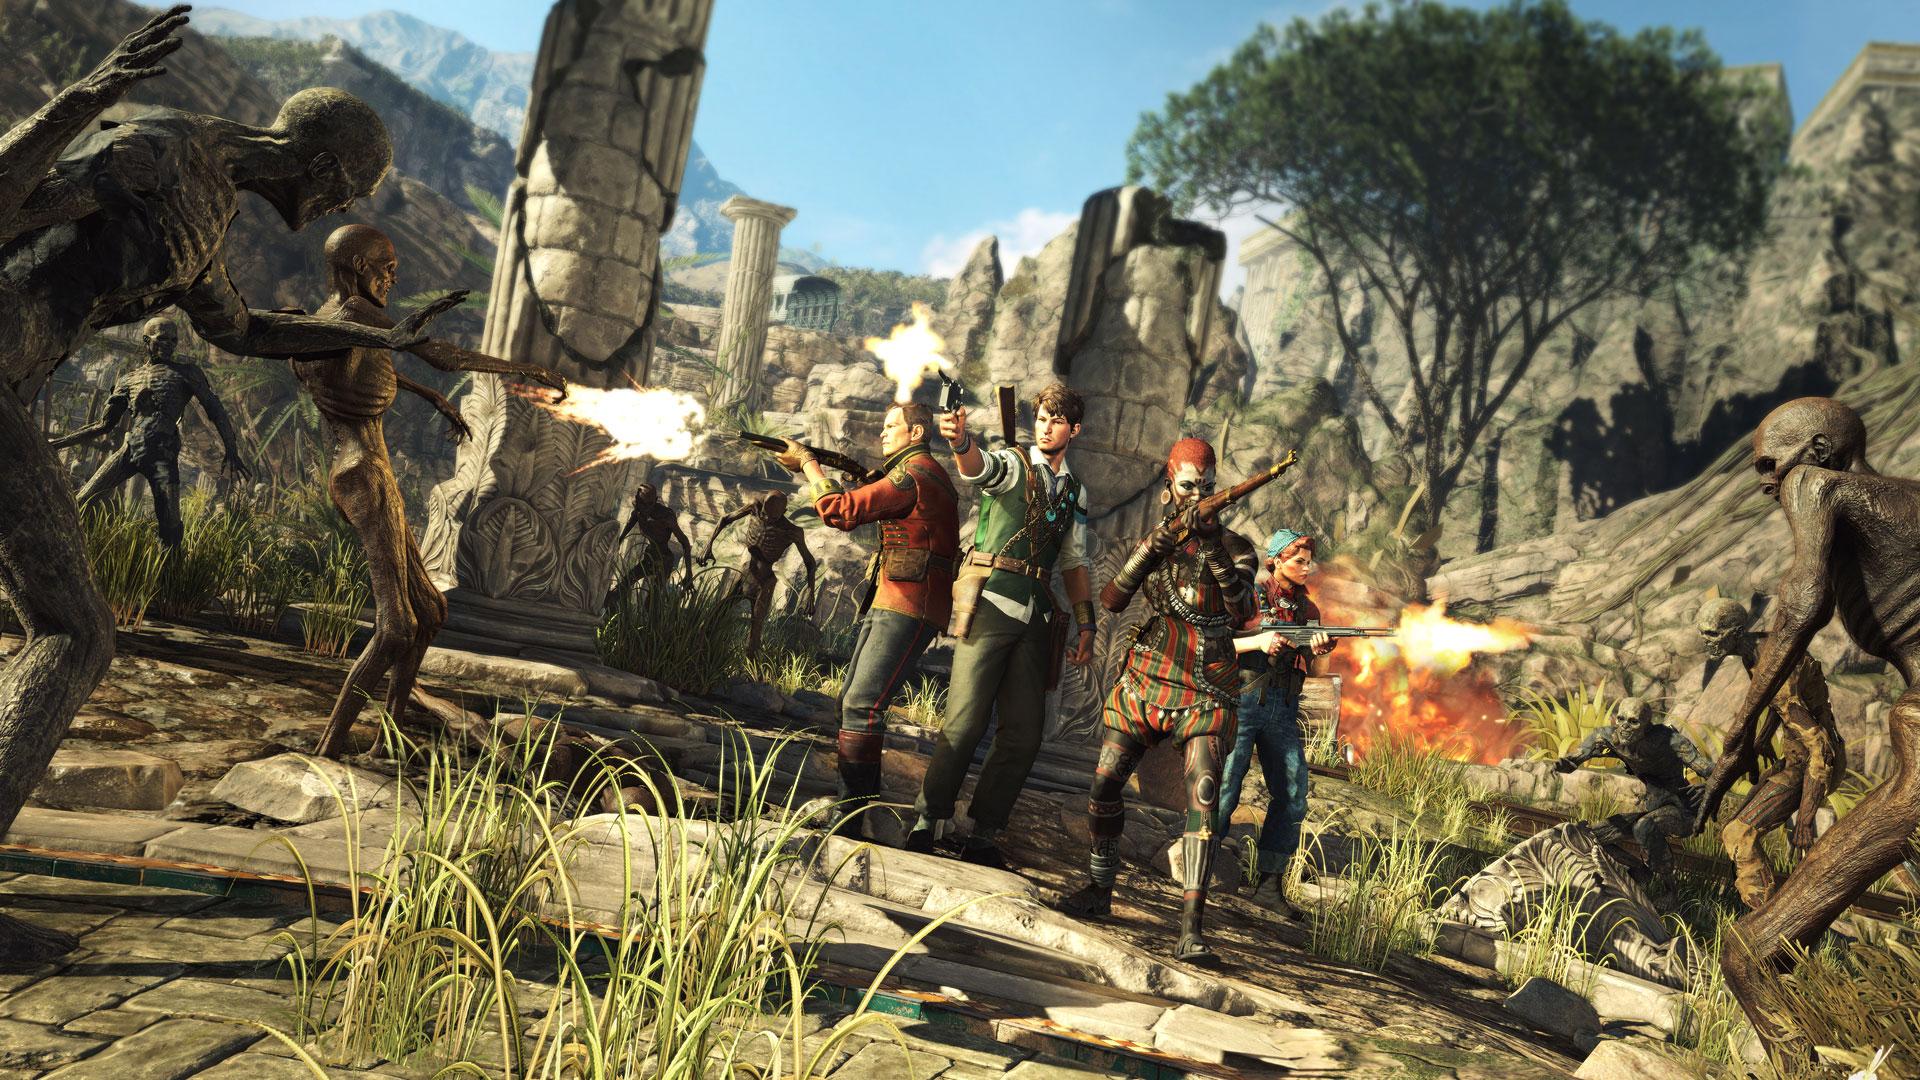 """Rücken an Rücken: Rebellions Anti-Monster-Shooter macht als Gruppe am meisten Spaß. Entscheidet man sich stattdessen für ein """"Solo-Abenteuer"""", skaliert das Spiel die Gegner-Mengen gelungen herunter."""